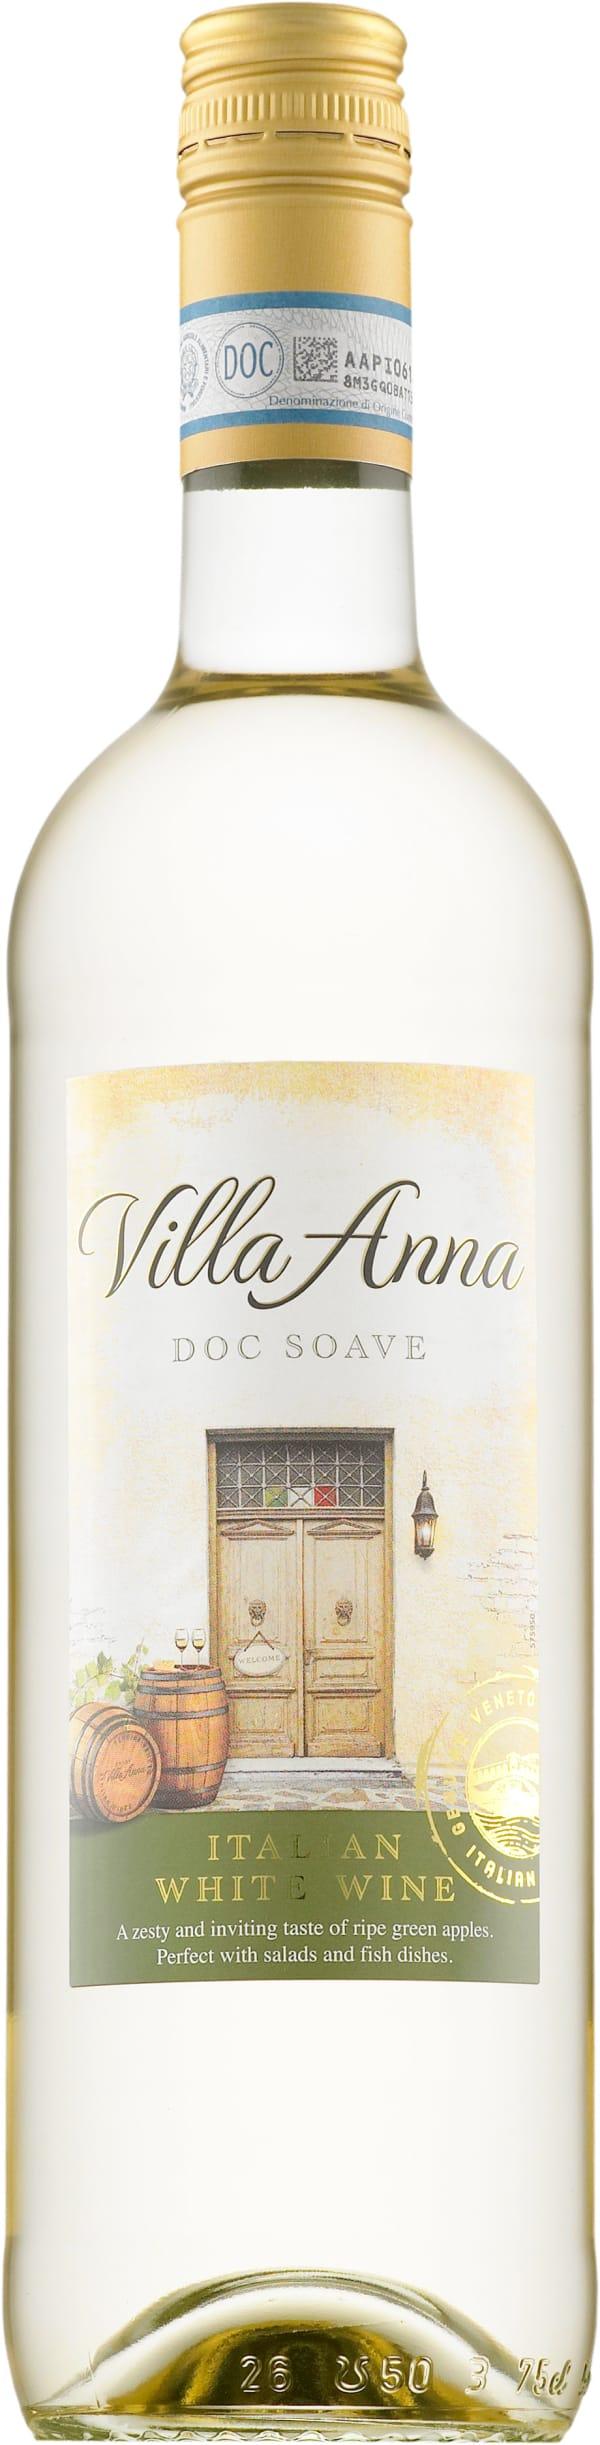 Villa Anna Soave 2018